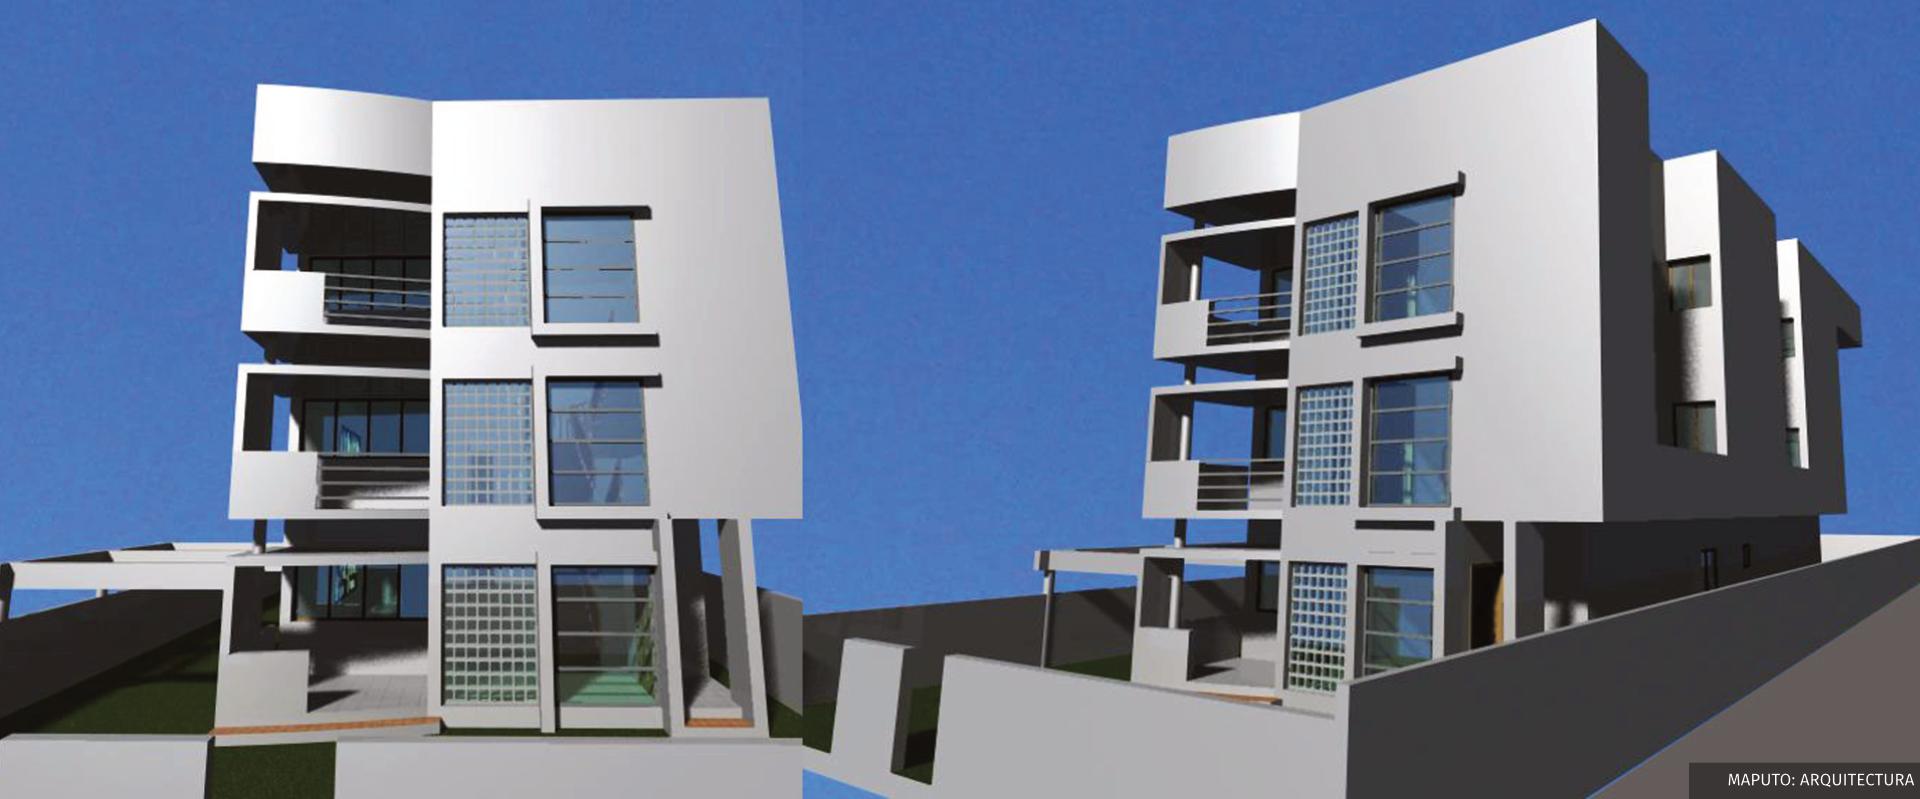 Arquitectura e Fiscalização de Obras